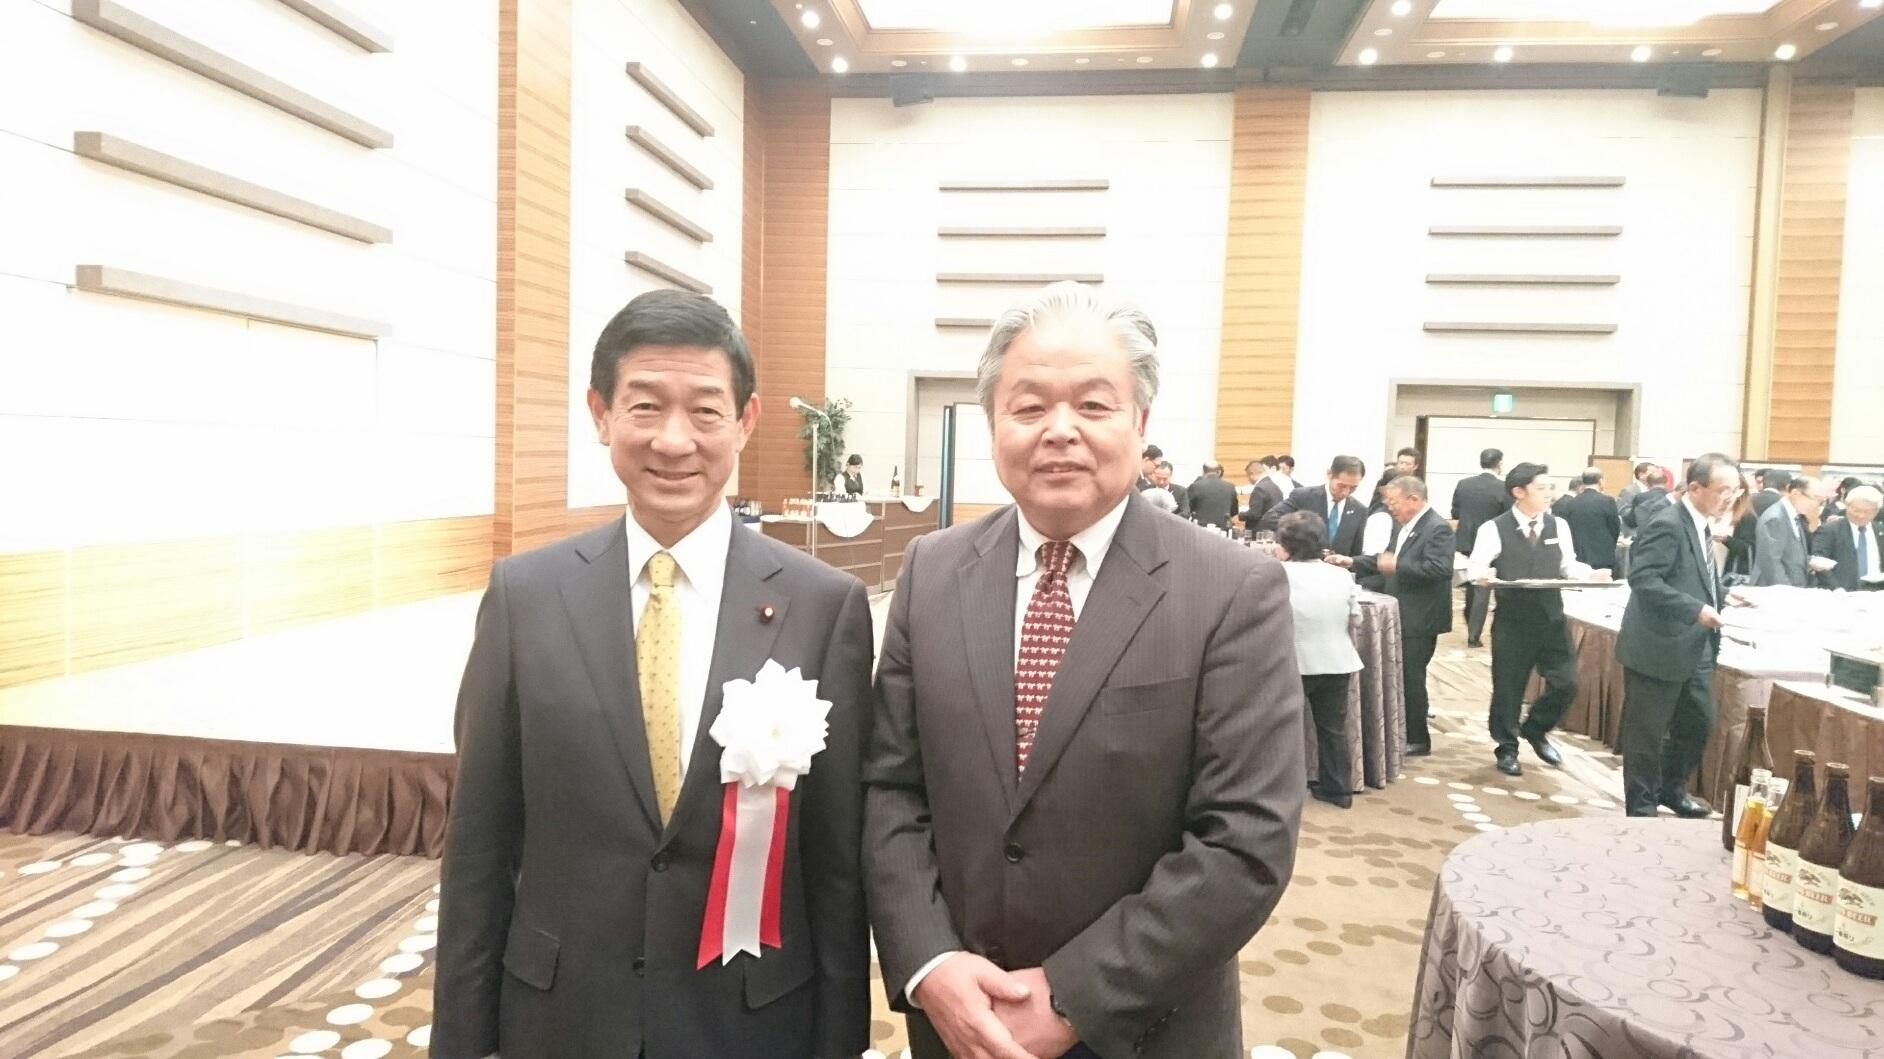 伊藤信太郎衆議院議員にお会いしました。: 画家 佐藤皇季 Official Blog